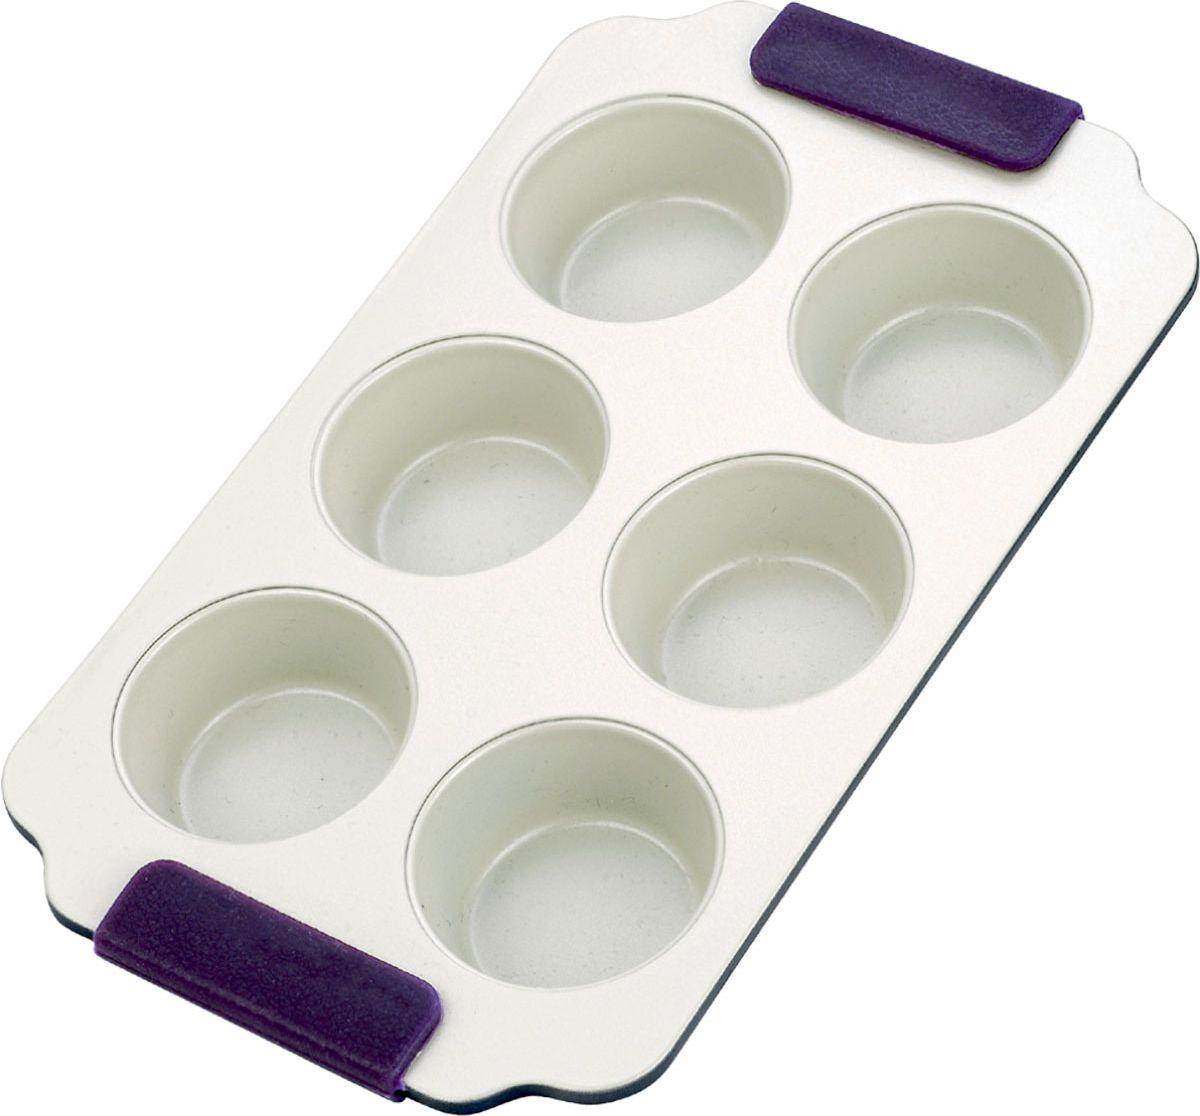 Форма для выпечки кексов Vitesse, цвет: синий, 6 ячеек. VS-1965VS-1965Прямоугольная форма для выпечки кексов Vitesse изготовлена из высококачественной углеродистой стали. Форма содержит 6 круглых ячеек для кексов. Внутреннее керамическое покрытие Eco-Cera светло-серого цвета, позволяющее готовить при температуре 220°С, не оставляет послевкусия, делает возможным приготовление блюд без масла, сохраняет витамины и питательные вещества. Такое покрытие абсолютно безопасно для здоровья человека и окружающей среды, так как не содержит вредной примеси PFOA и имеет низкое содержание CO в выбросах при производстве. Керамическое покрытие обладает высокой прочностью и устойчивостью к царапинам. Кроме того, с таким покрытием пища не пригорает и не прилипает к стенкам. Готовить можно с минимальным количеством подсолнечного масла. Высокотехнологичное внешнее покрытие, подвергшееся температурной обработке, устойчиво к механическим повреждениям. Удобные ручки оснащены съемными силиконовыми вставками. Простая в уходе и долговечная в использовании форма Vitesse будет верной помощницей в создании ваших кулинарных шедевров.Можно мыть в посудомоечной машине и использовать в духовке. Не предназначена для СВЧ-печей. Характеристики:Материал: углеродистая сталь, силикон. Цвет: синий, светло-серый. Количество ячеек: 6 шт. Диаметр ячейки: 7 см. Размер формы (с учетом ручек): 30,5 см х 18 см. Высота стенки: 2,5 см. Толщина стенки: 0,6 см.